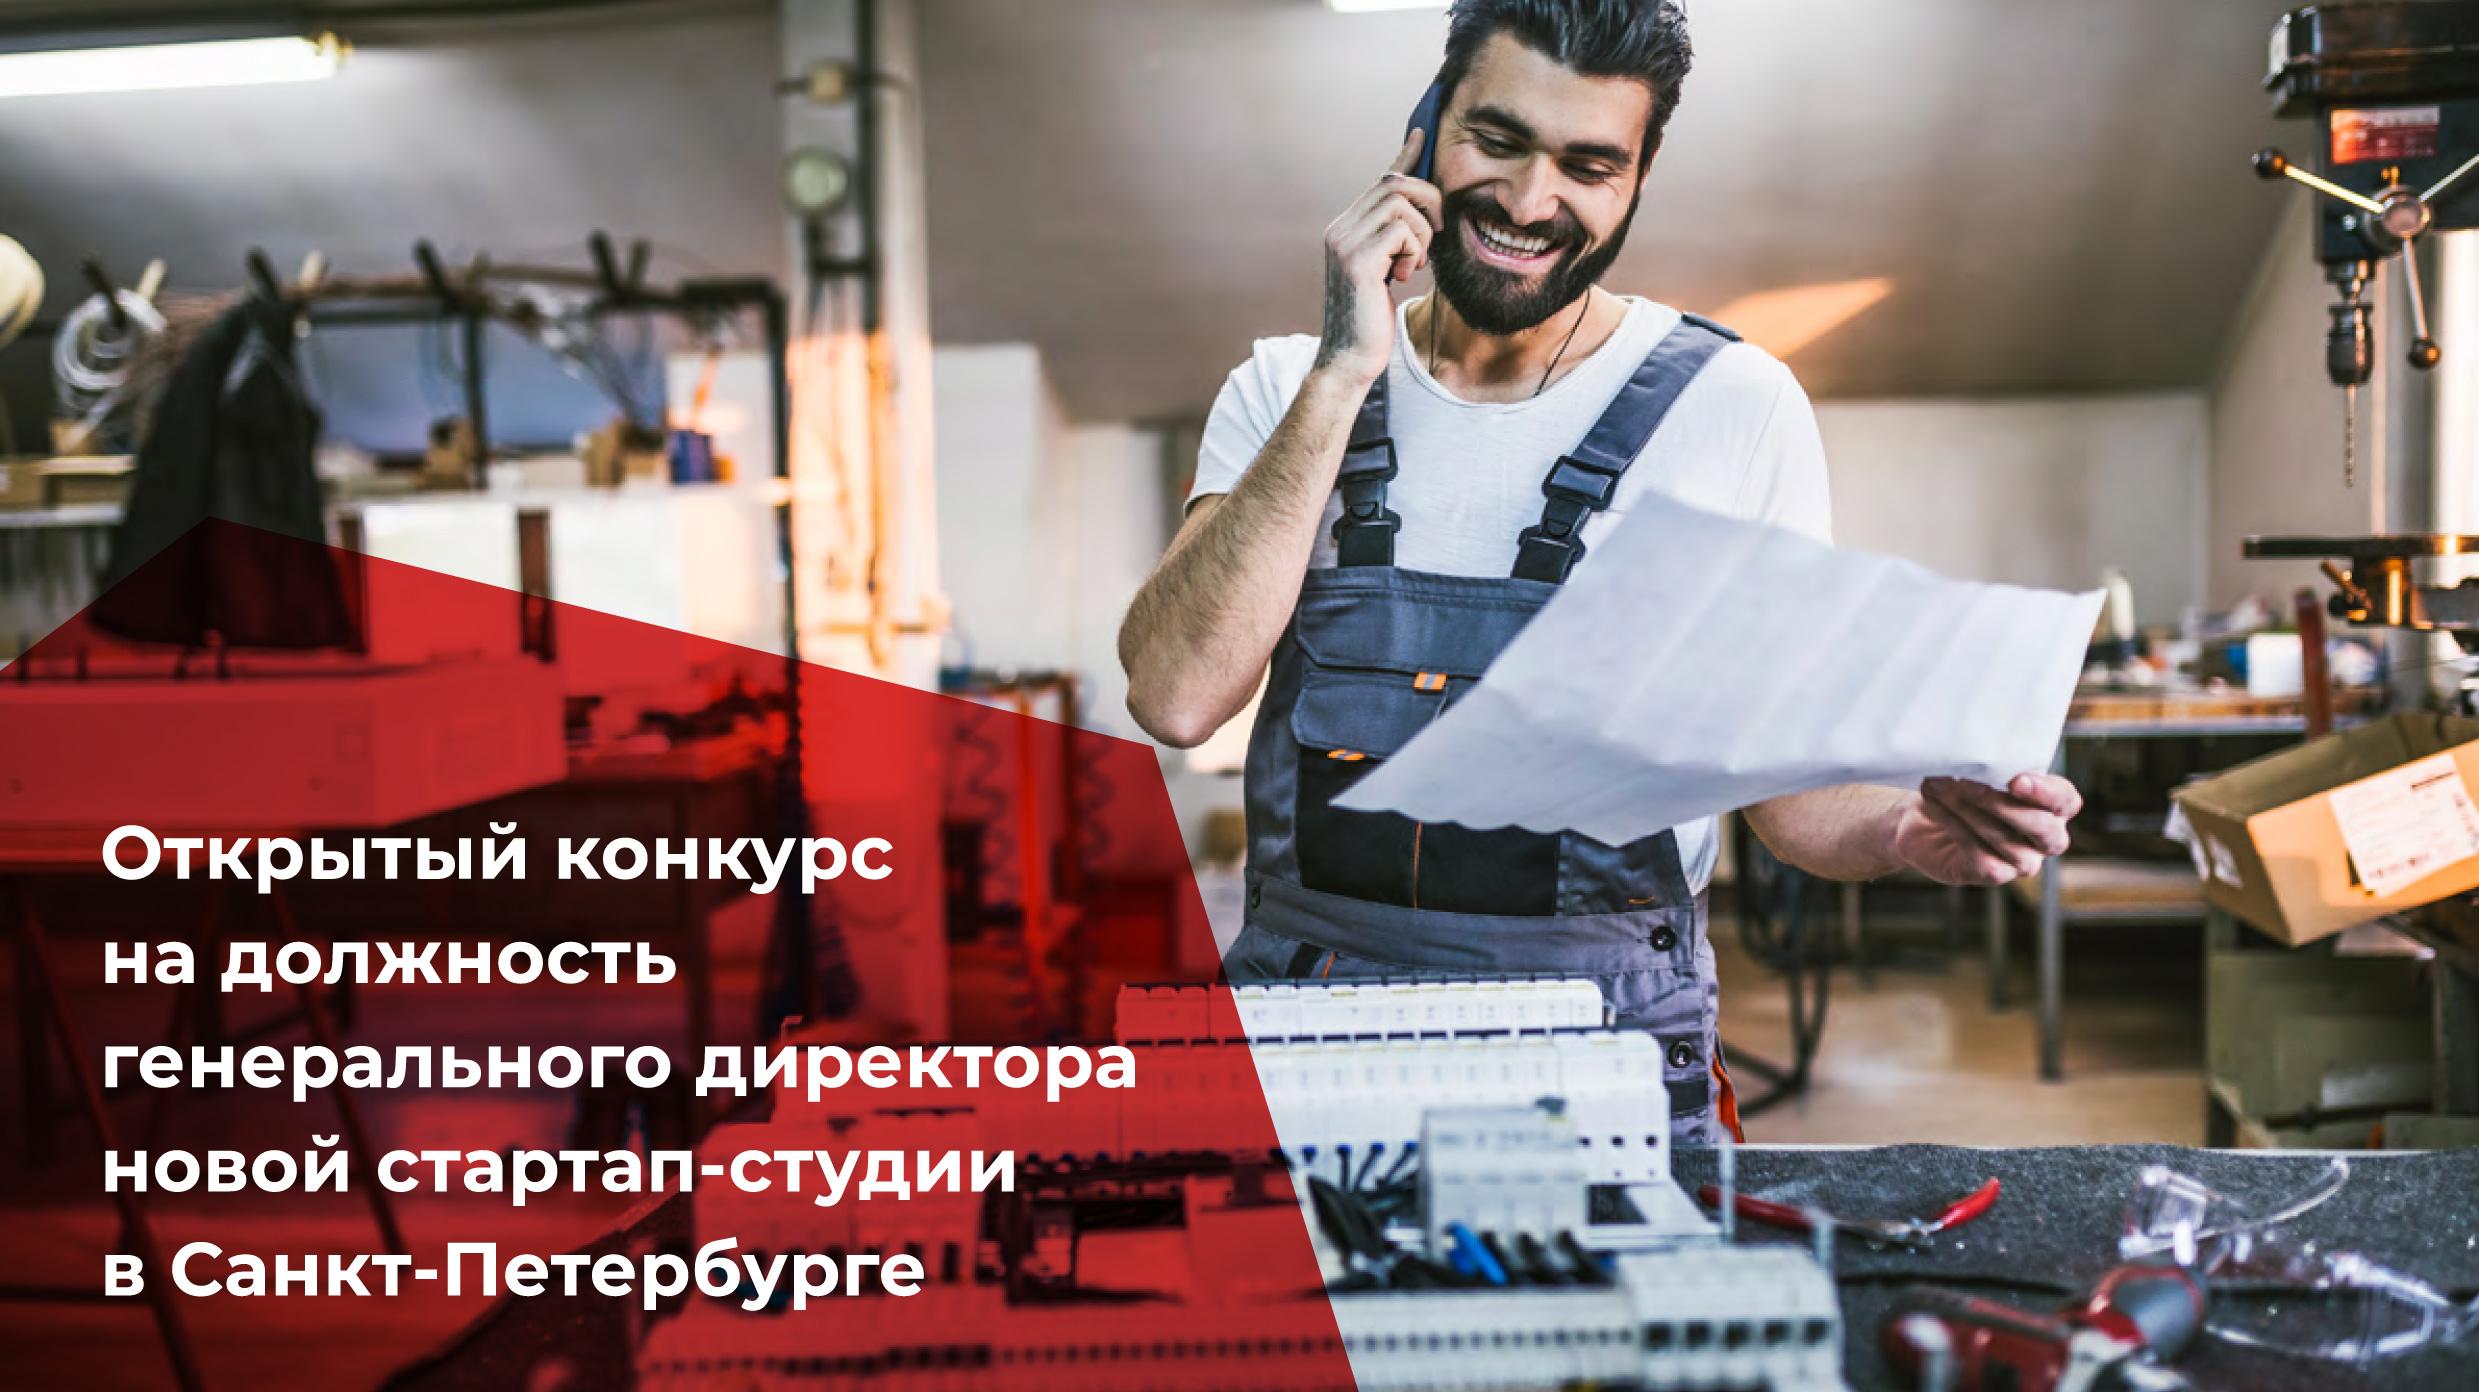 Открытый конкурс на позицию генерального директора новой университетской стартап-студии